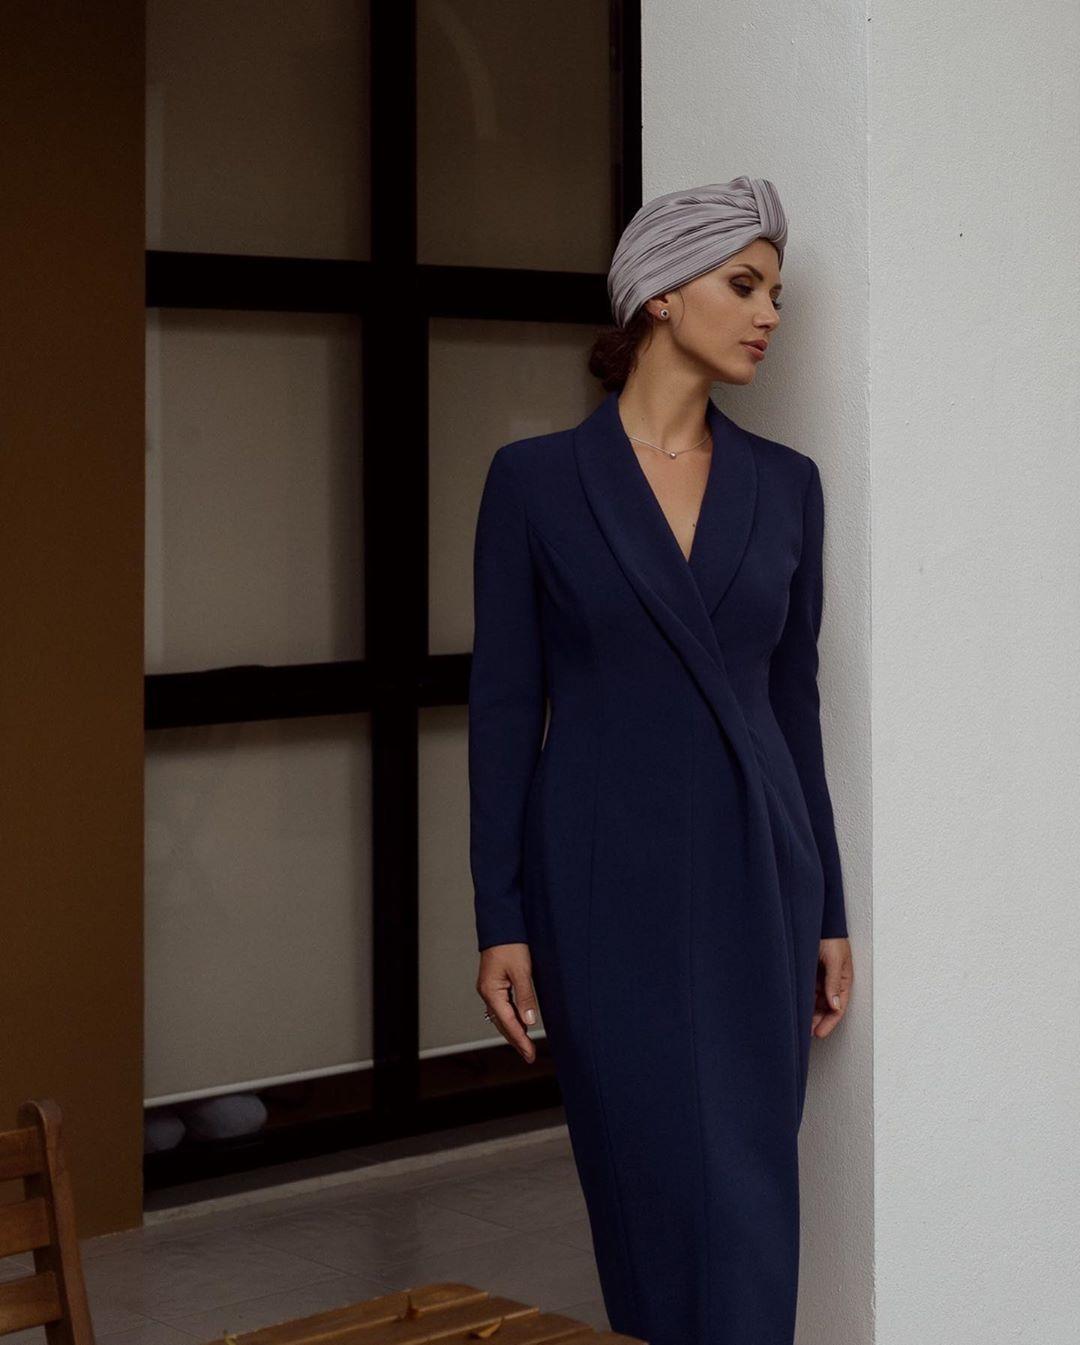 модные образы для бизнес-леди осень 2019 фото 11